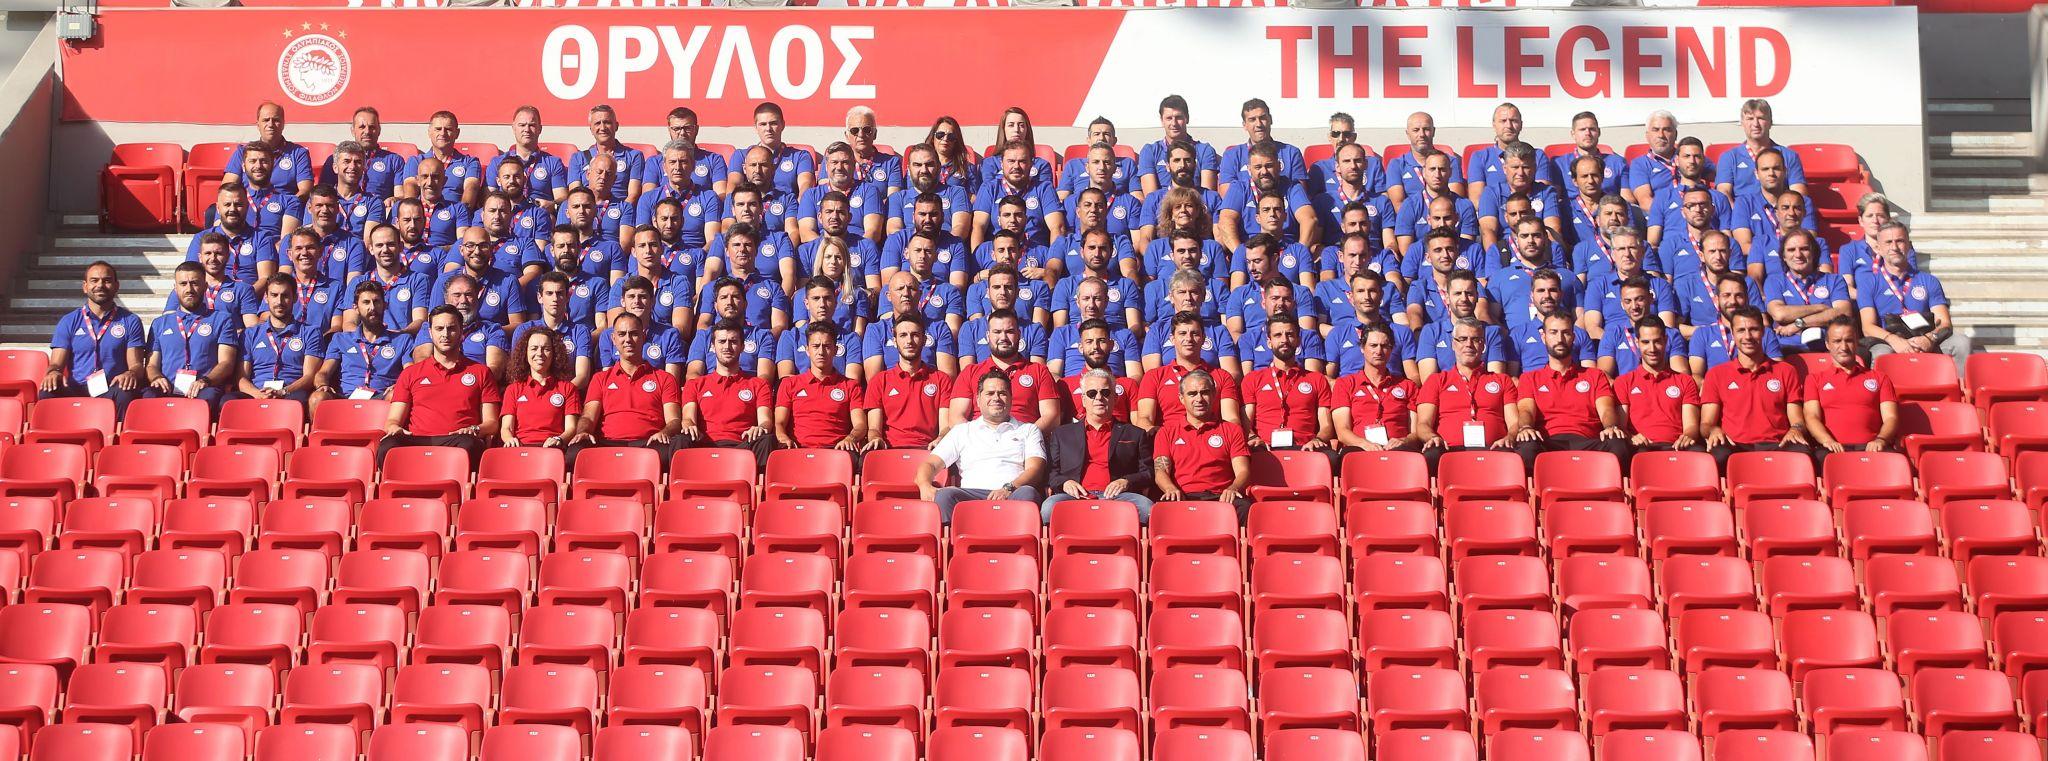 Απόλυτη επιτυχία για το 9ο Σεμινάριο Σχολών του Ολυμπιακού